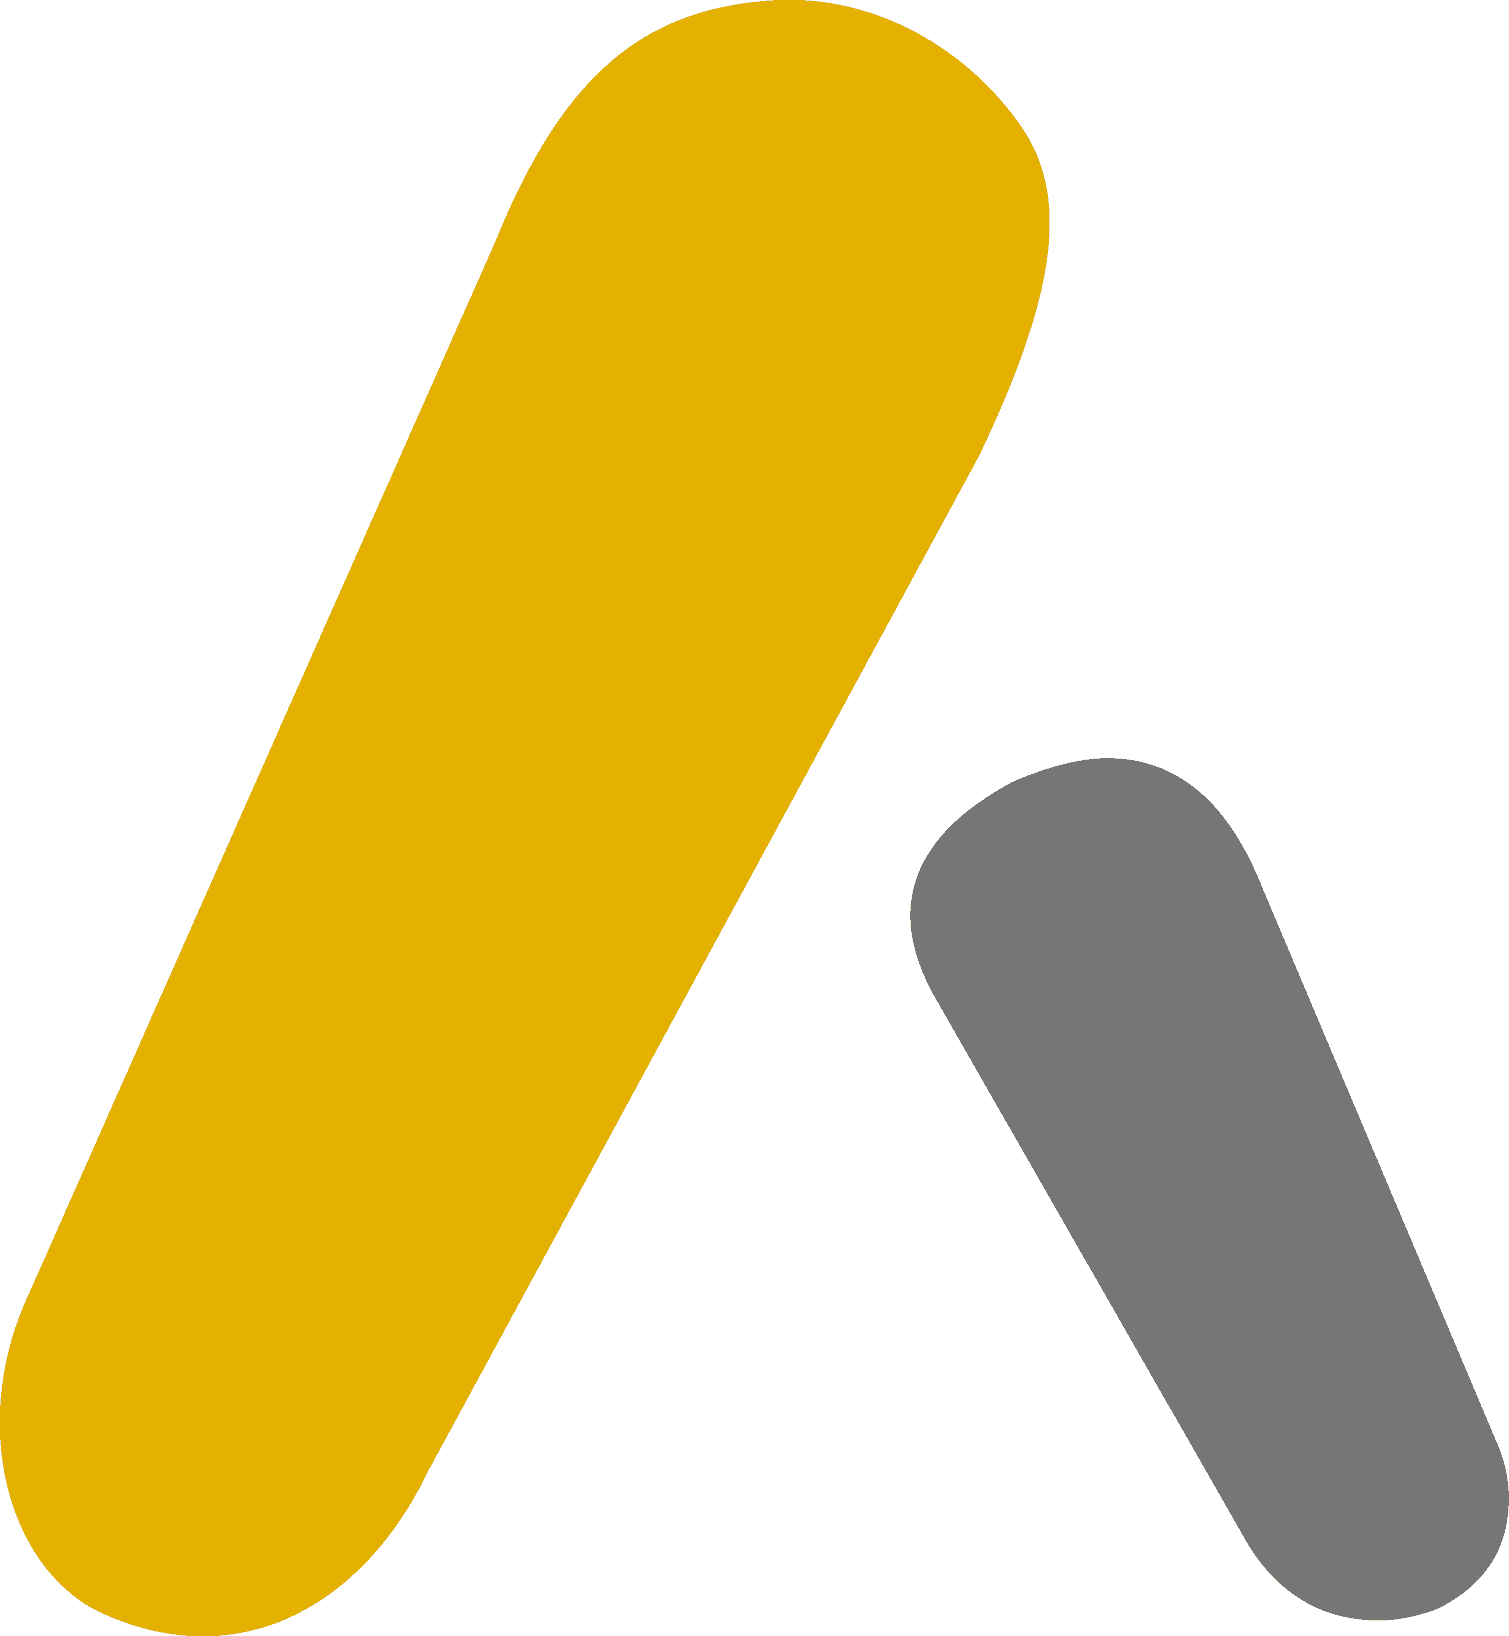 Sémantème